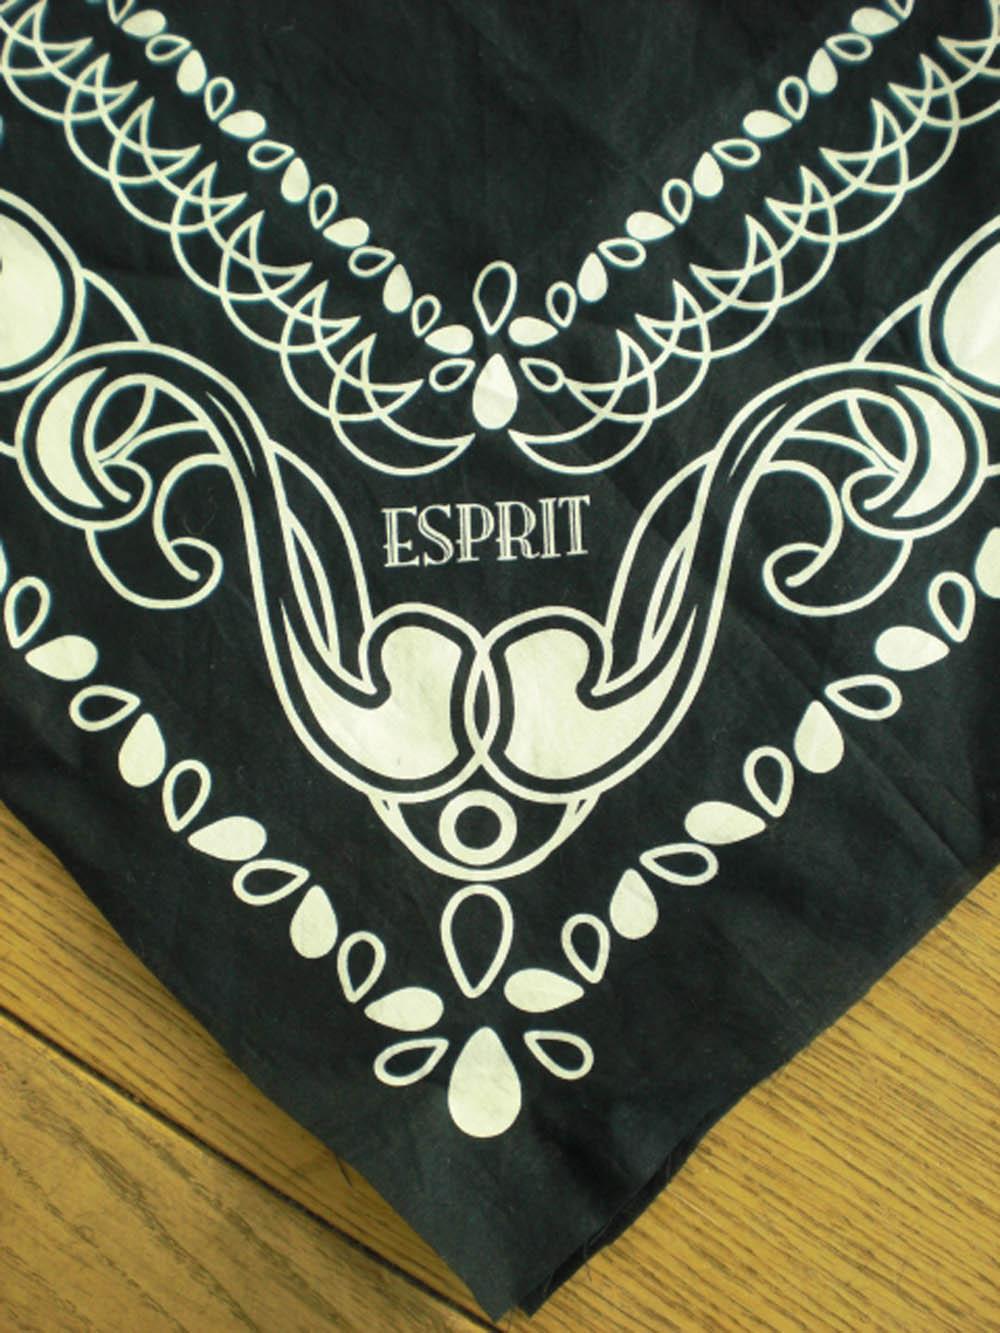 Esprit_L.WilhelmDesign_2.JPG